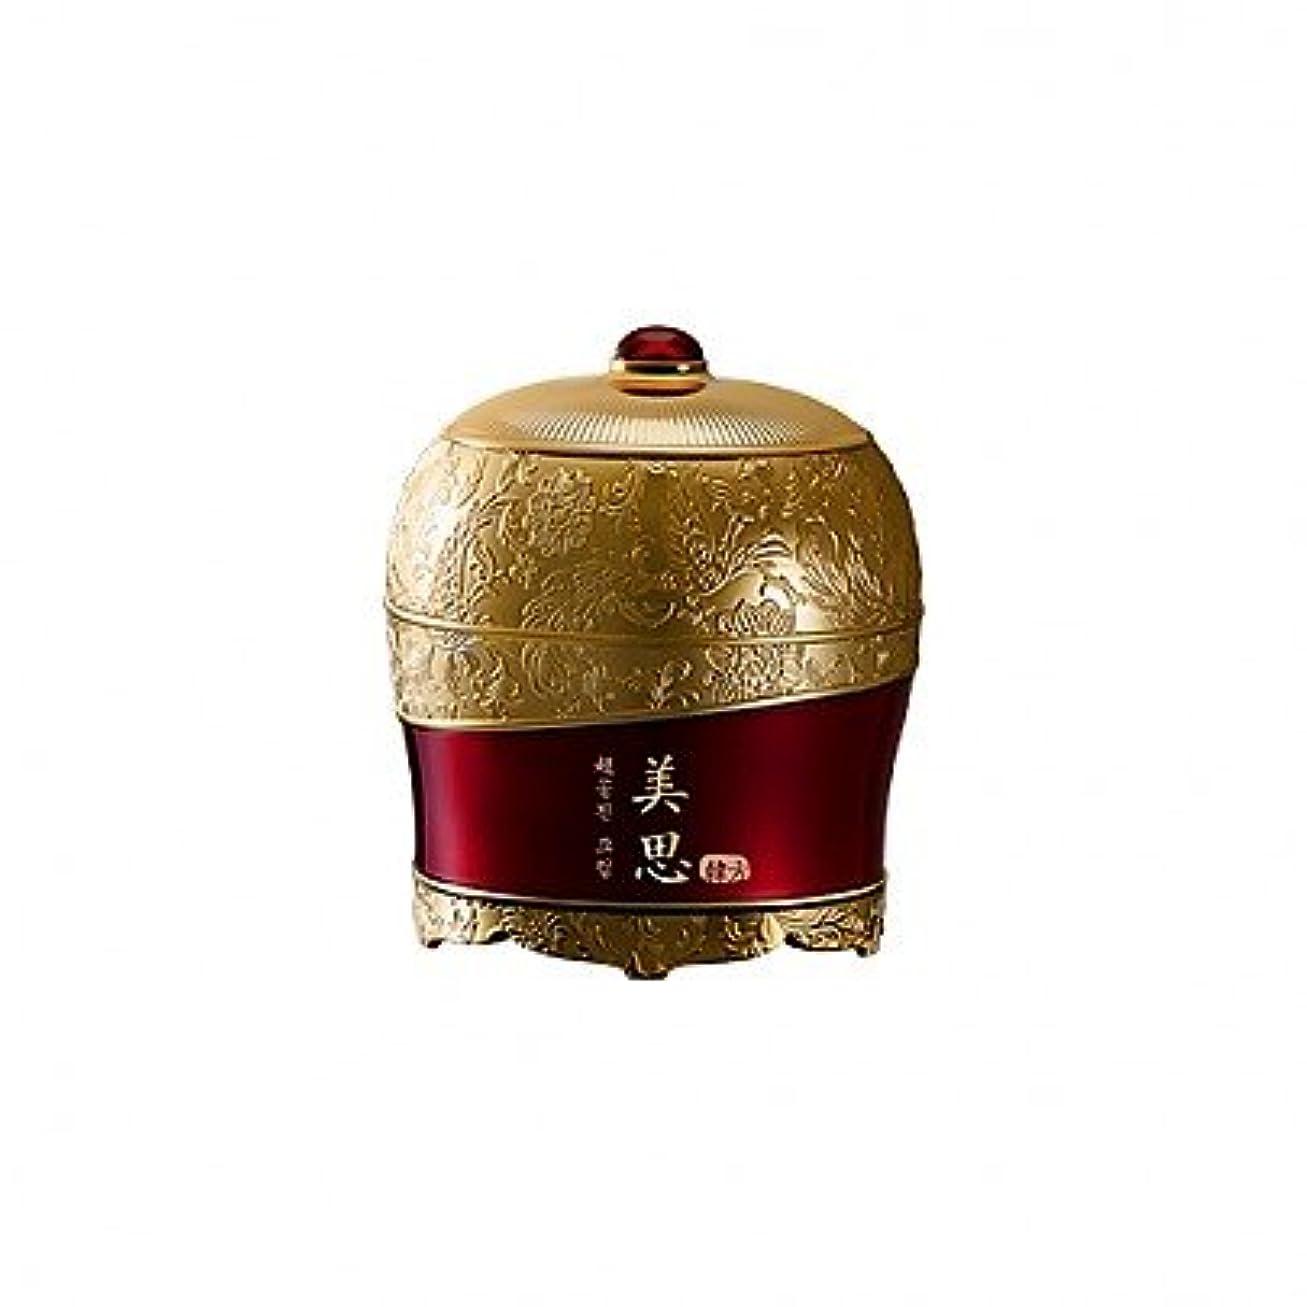 ジャンク宮殿単位MISSHA/ミシャ チョゴンジン クリーム (旧チョボヤン) 60ml[海外直送品]